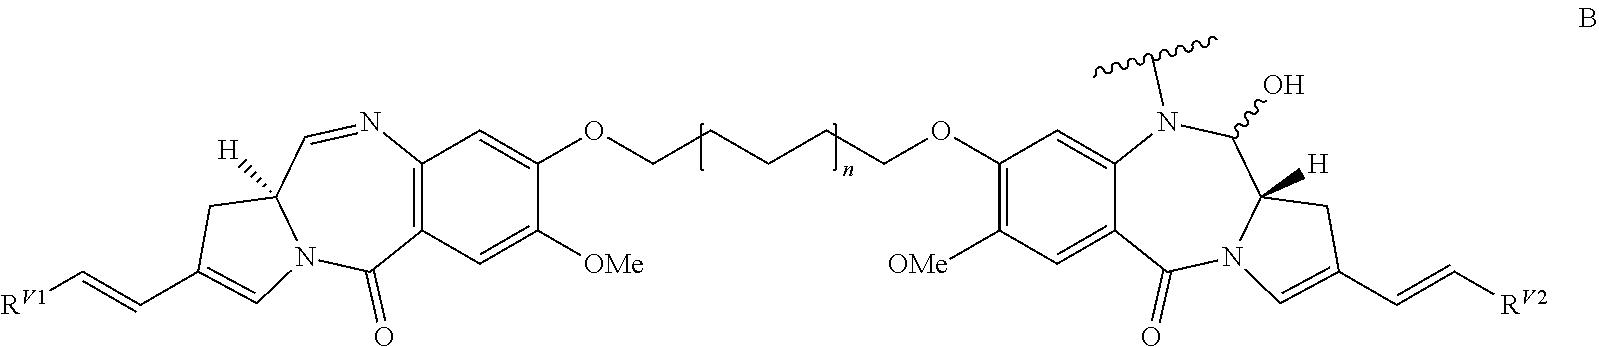 Figure US09562099-20170207-C00030